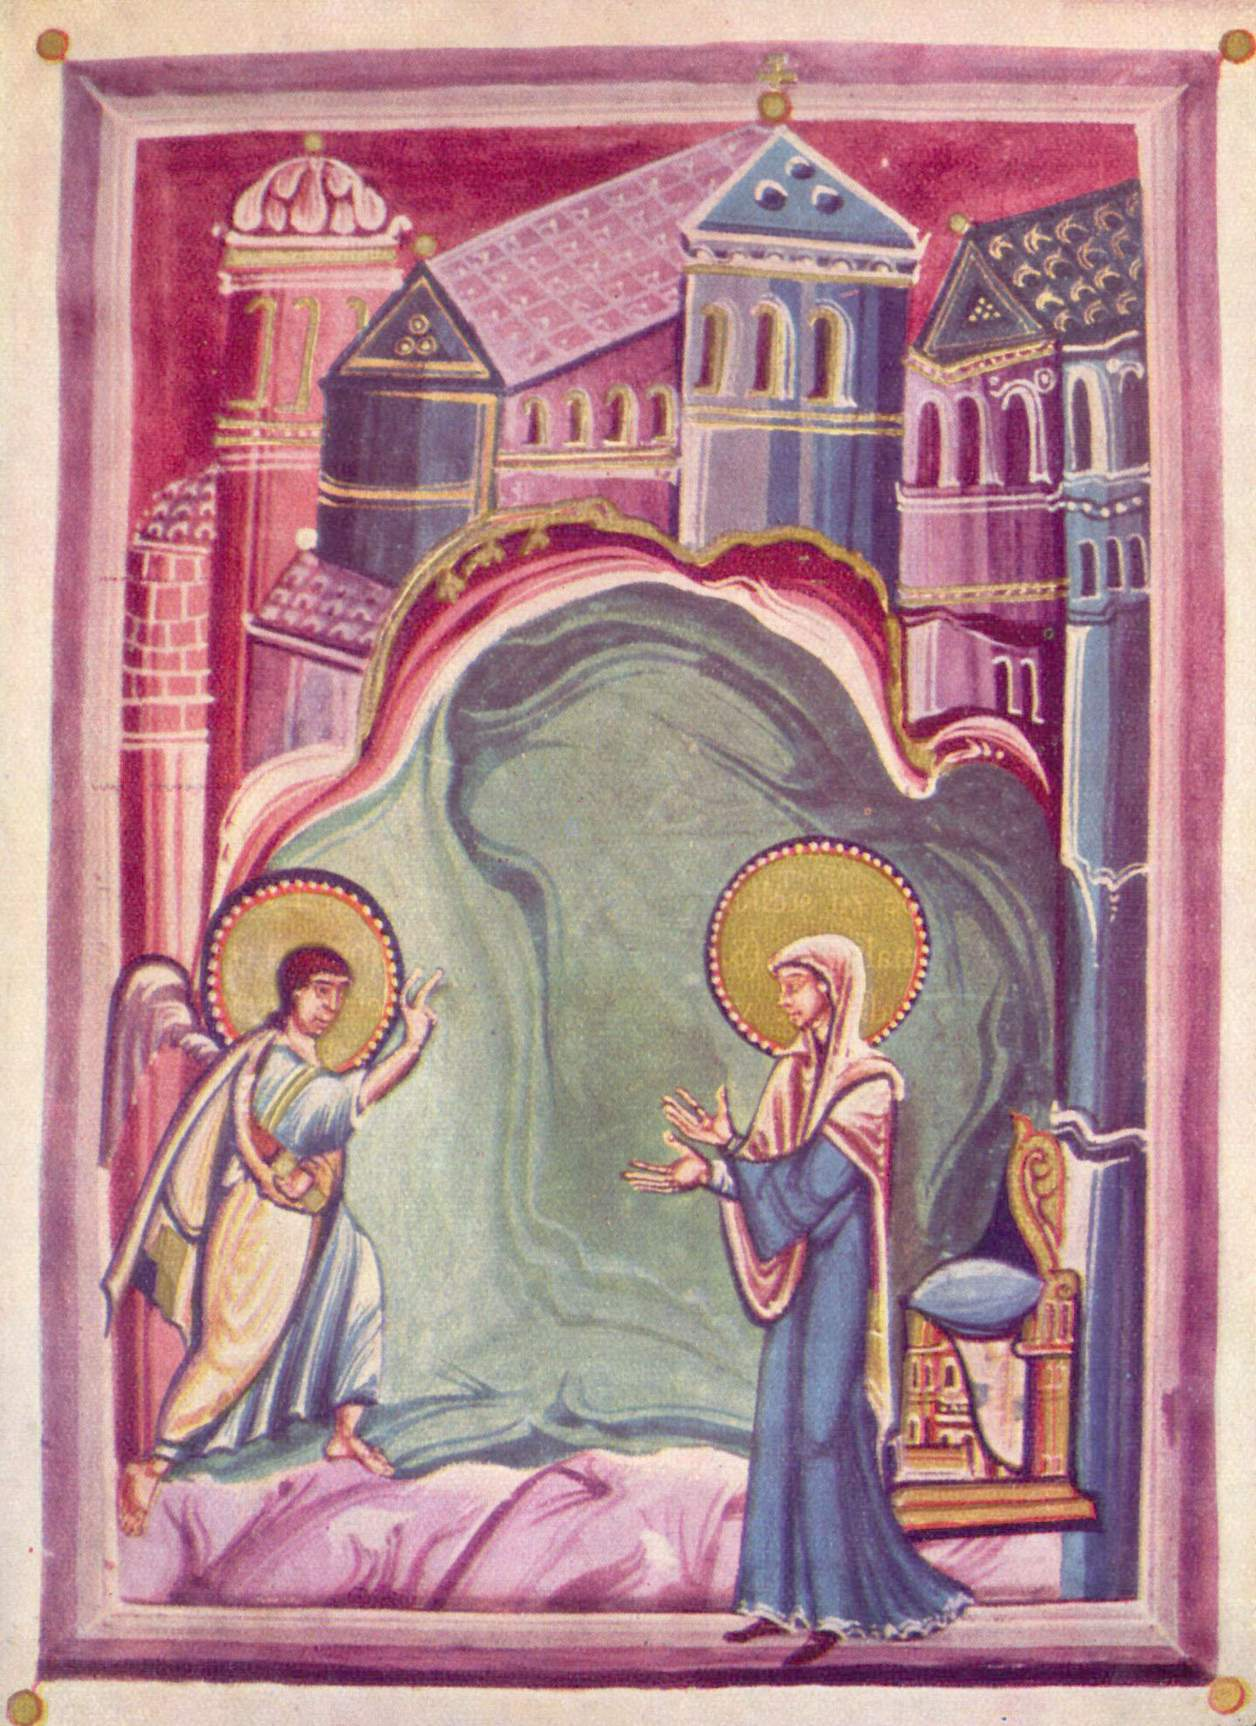 MEISTER des Sakramentars von St. Gereon Verkündigung, Ende 10. Jh.